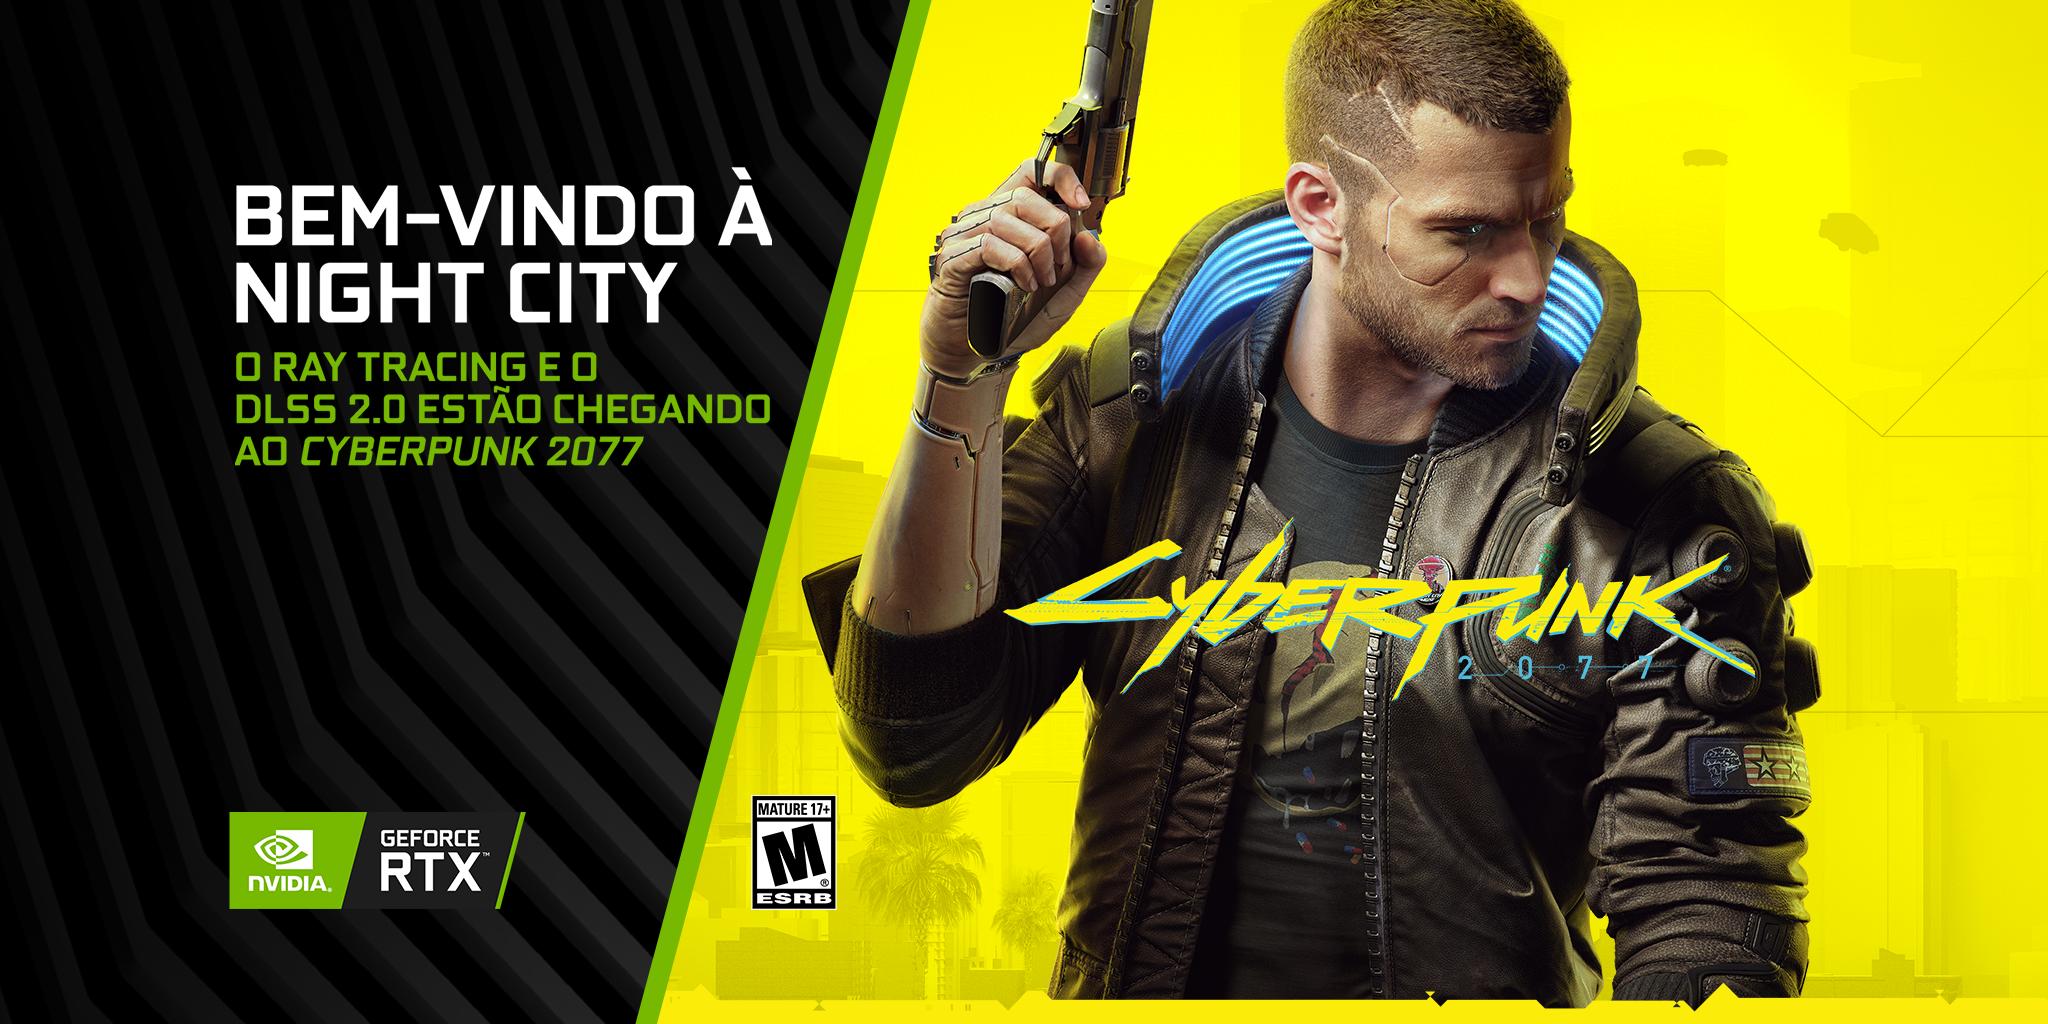 Nvidia | Cyberpunk 2077 chegará pronto para Ray Tracing e NVIDIA DLSS 2.0 no lançamento